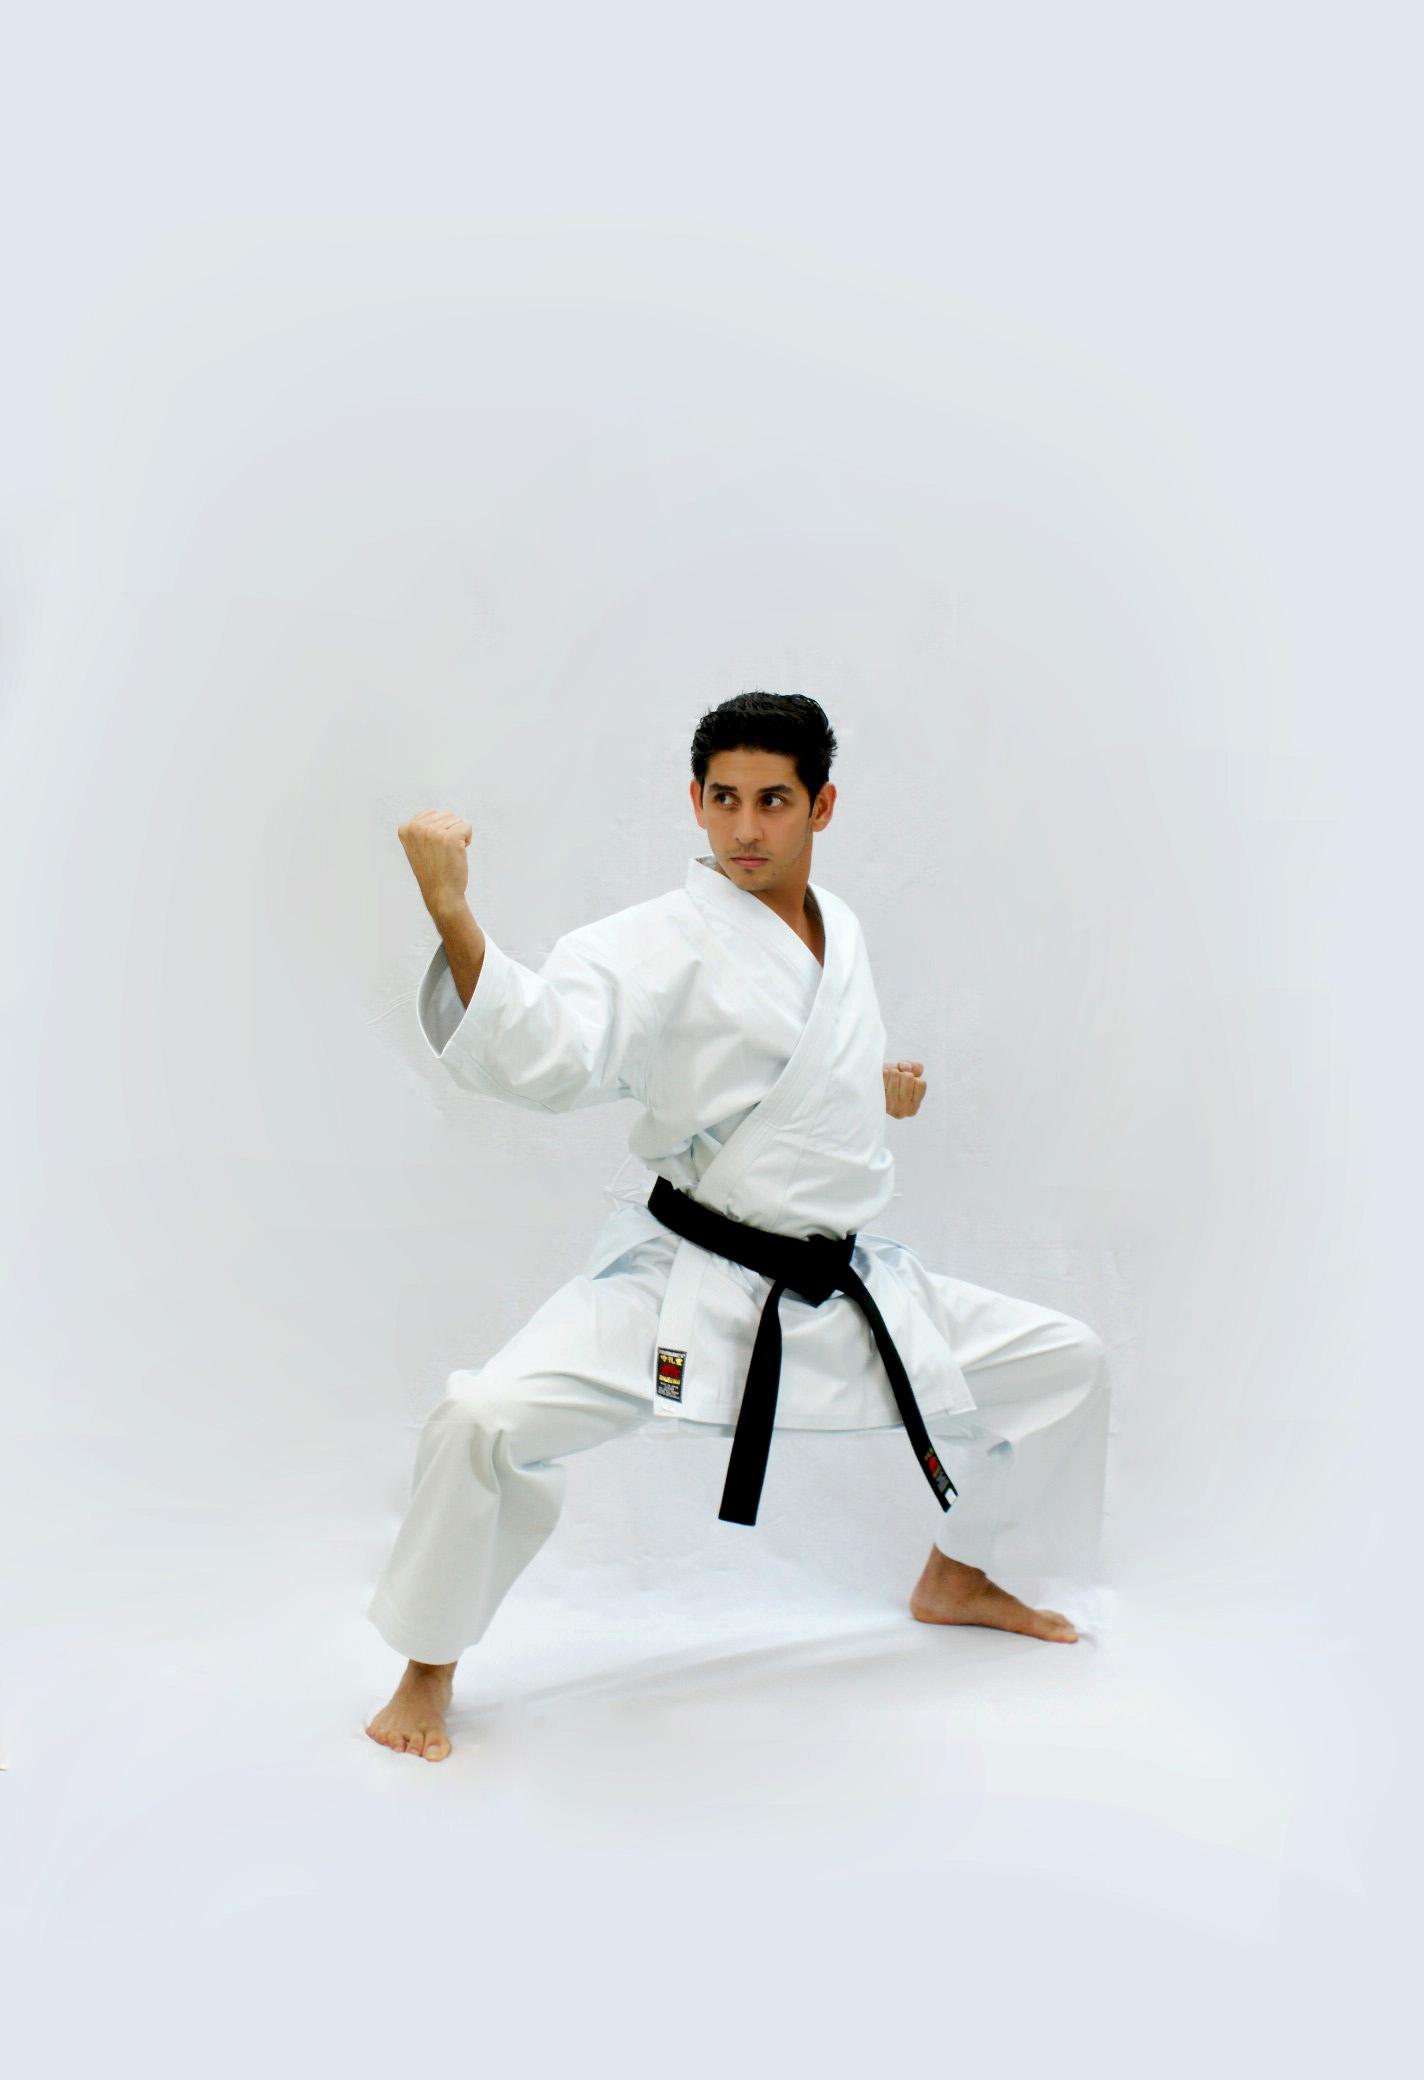 DKU karate